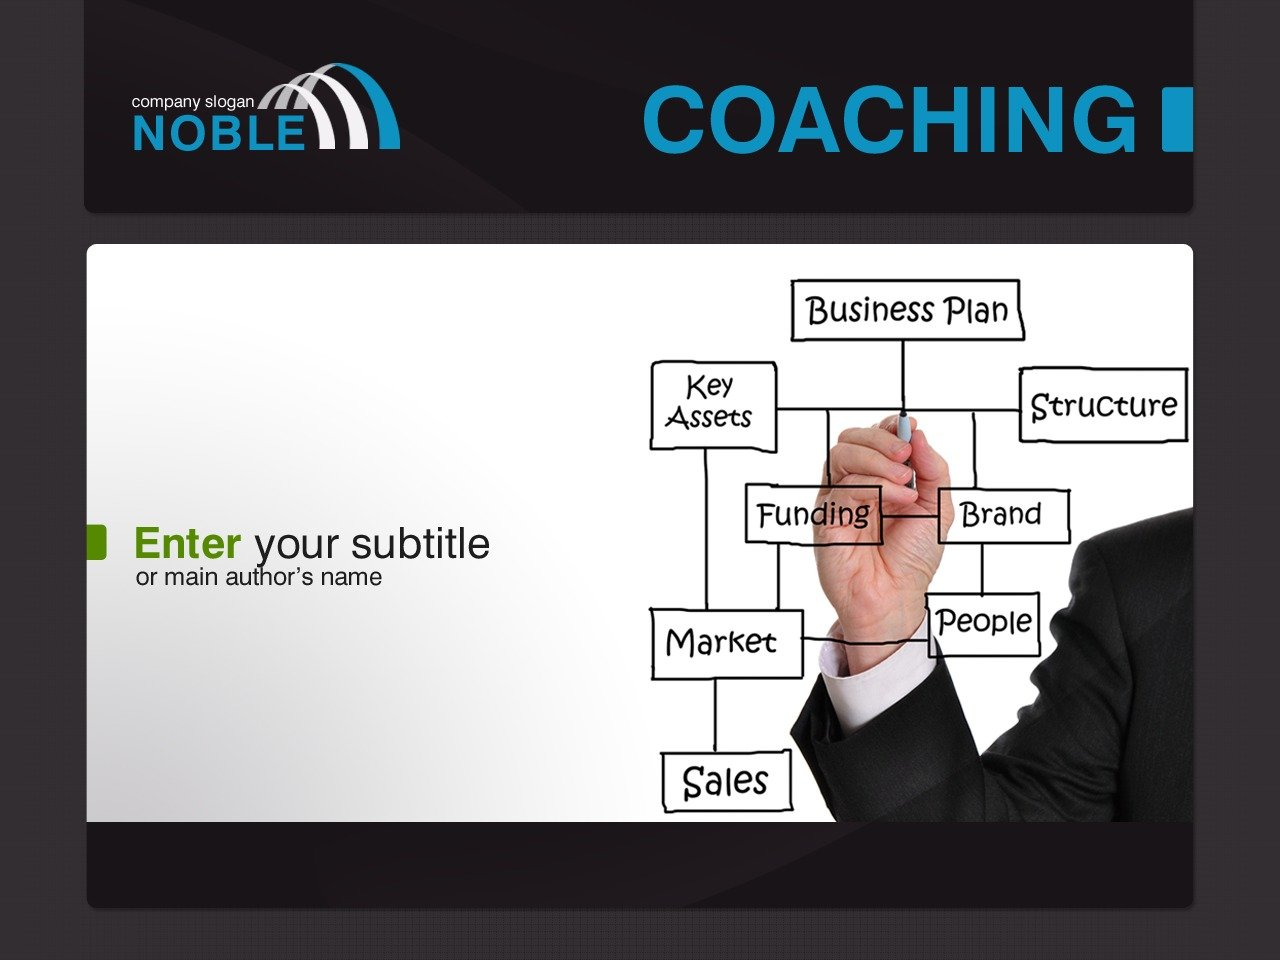 Szablon PowerPoint #30791 na temat: szkoła biznesu